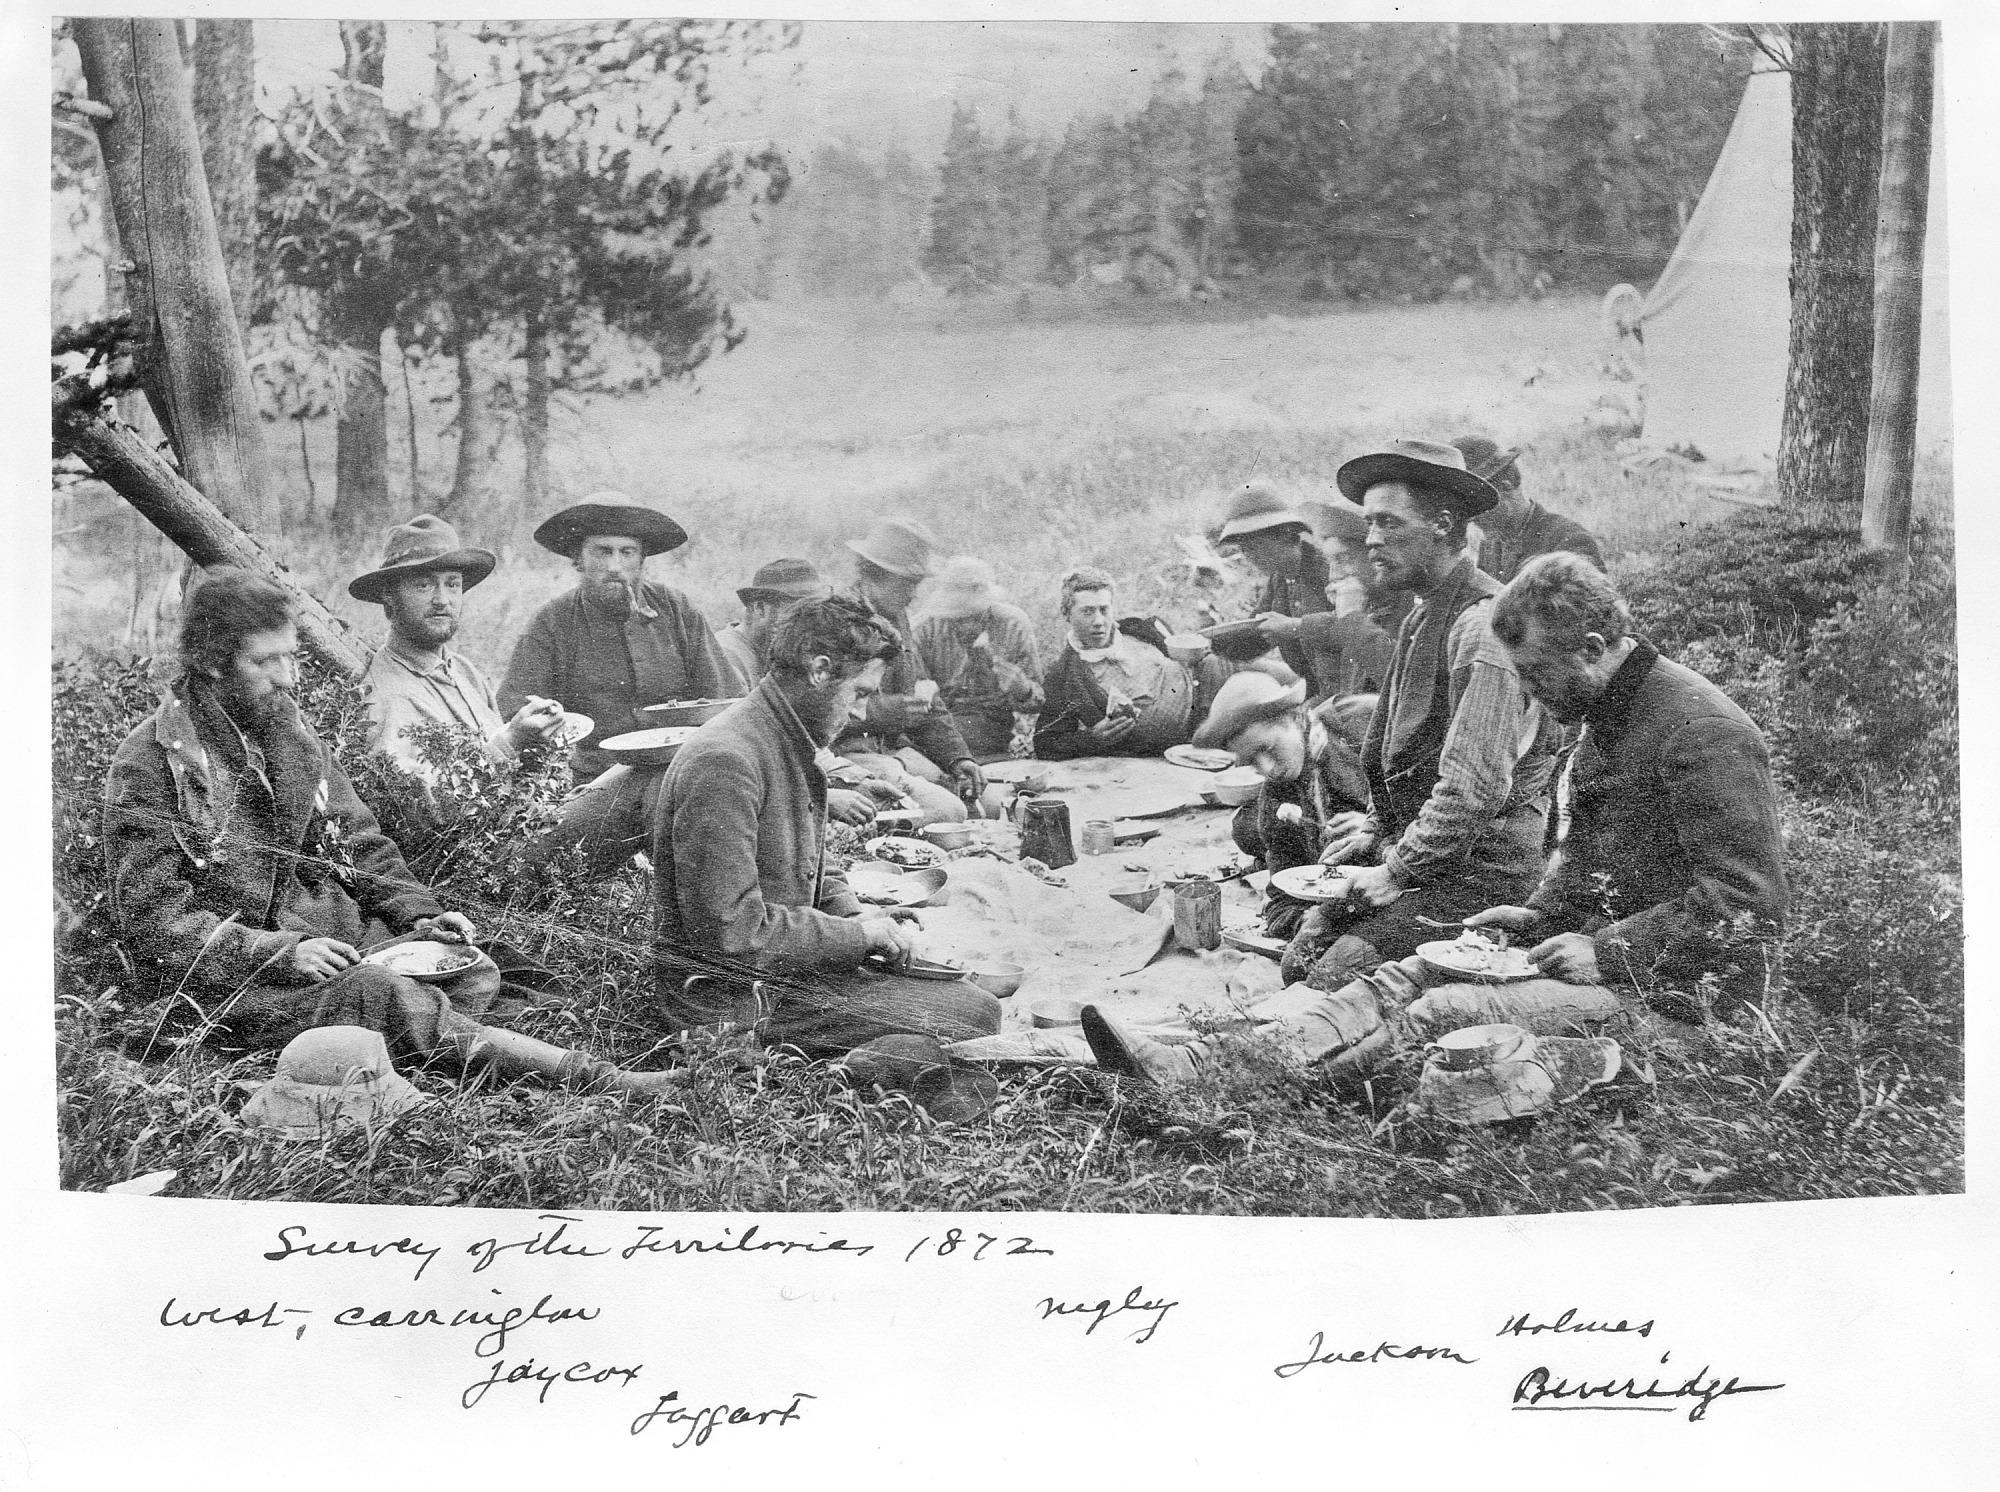 Mealtime, Hayden Survey of the Territories, 1872